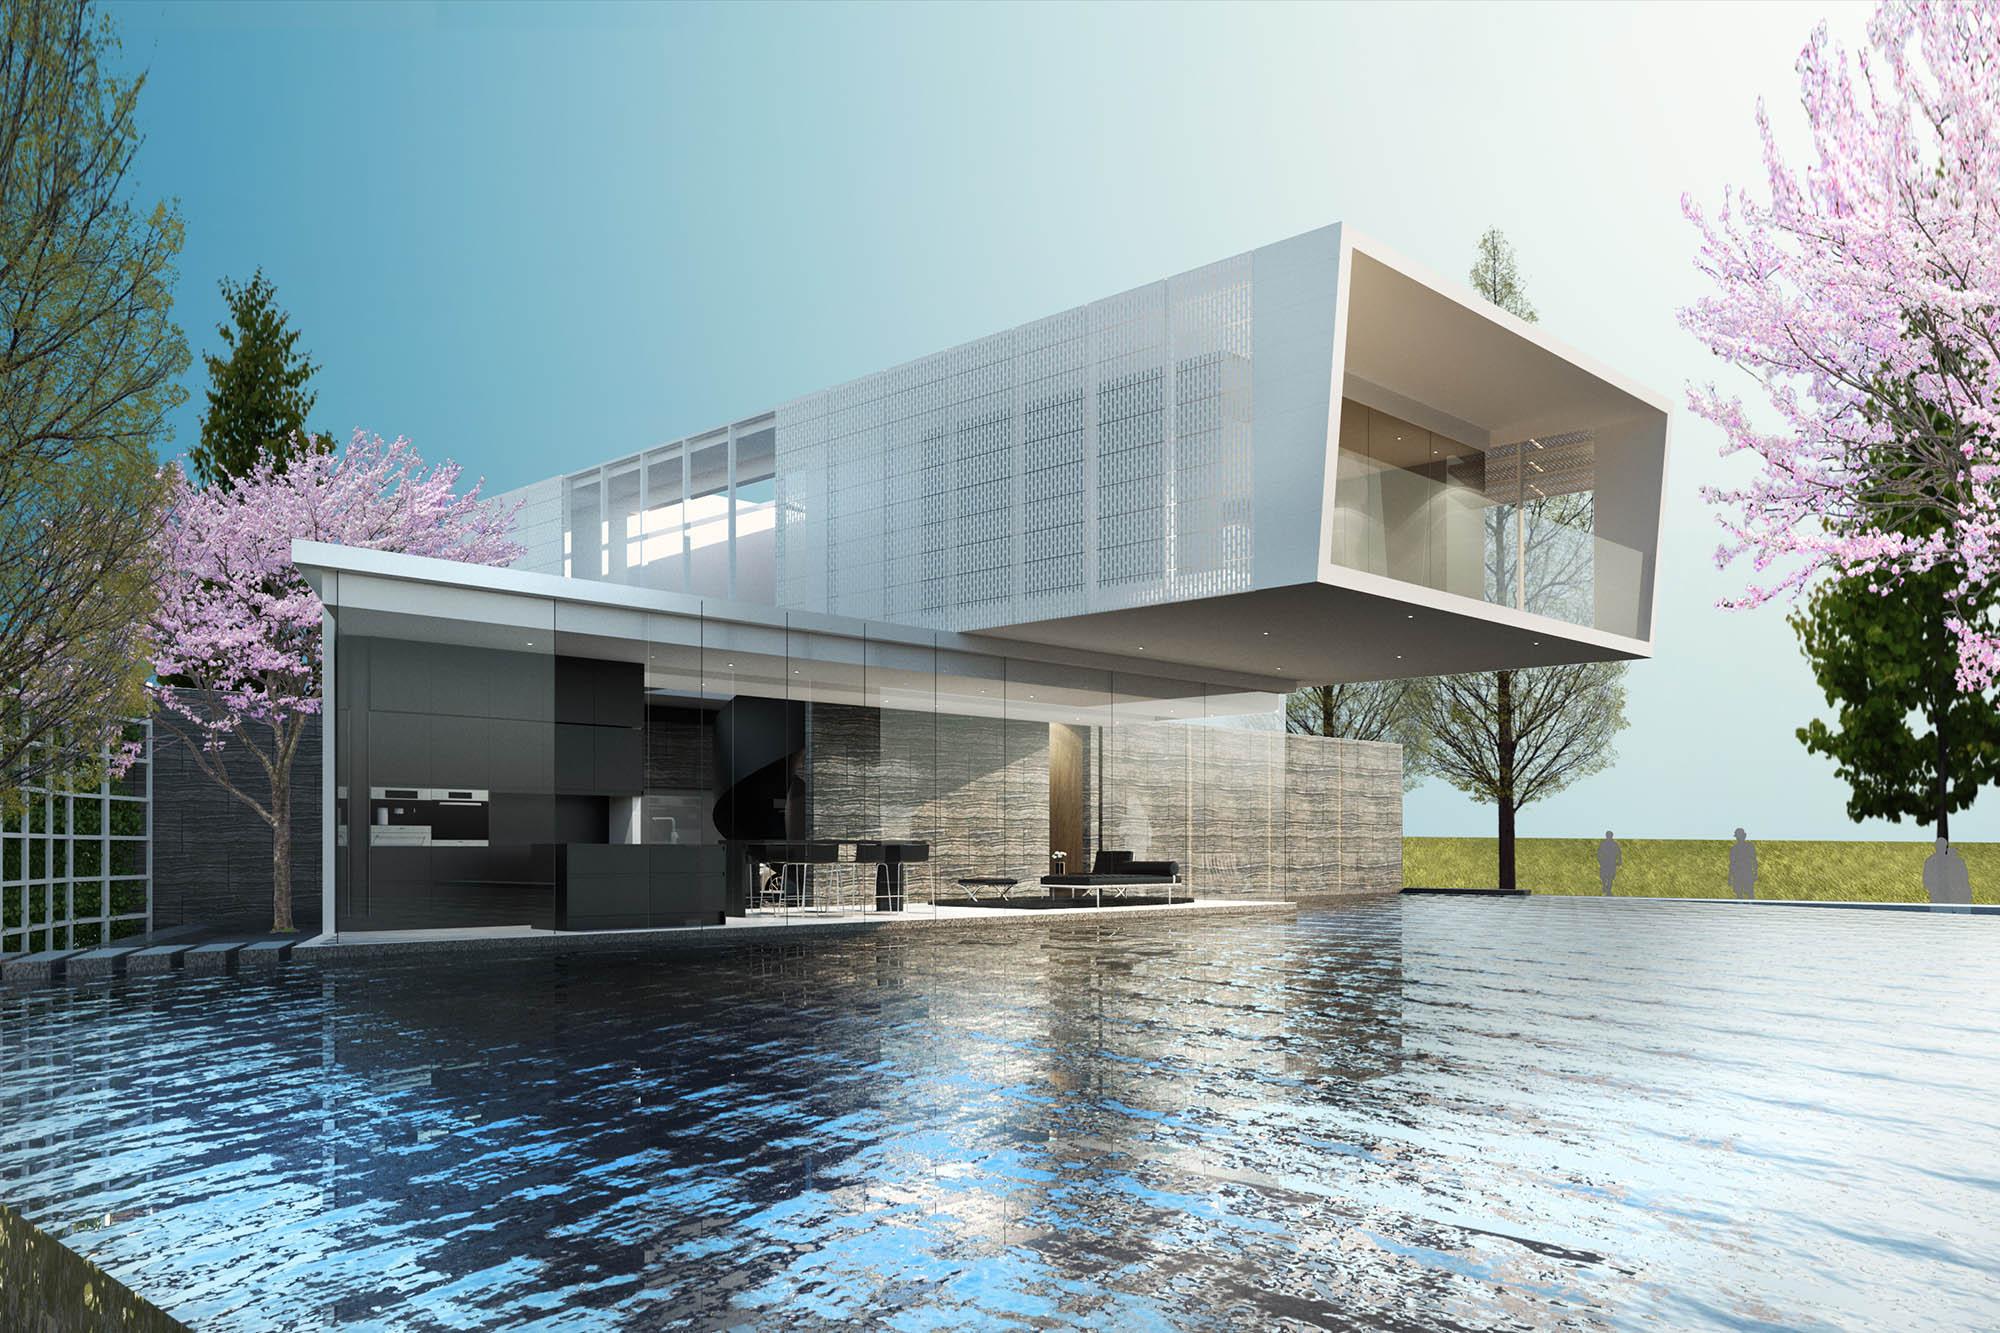 HOUSE 2025 – Quatre Architect